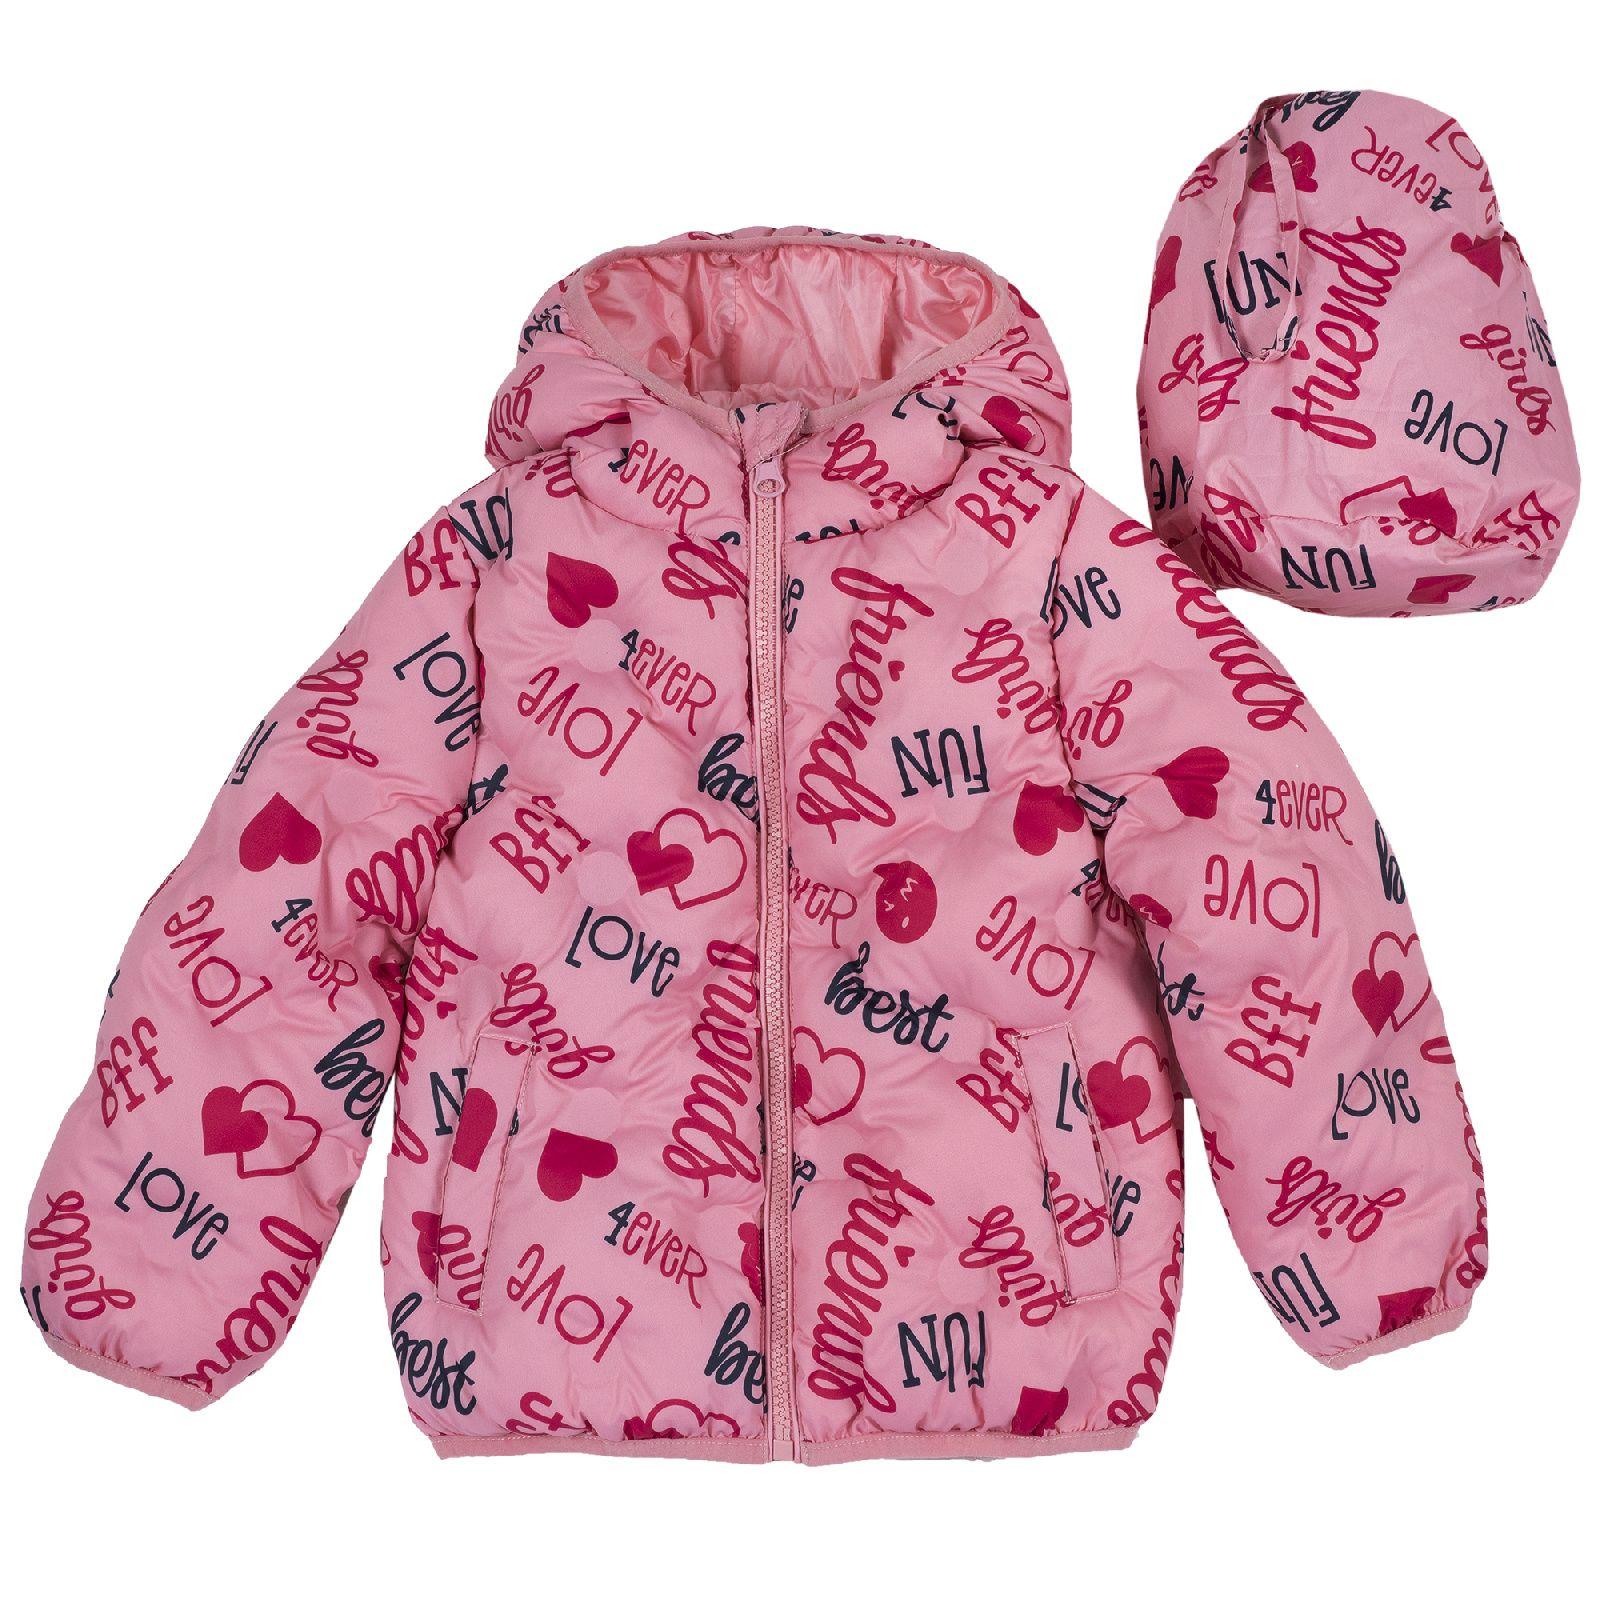 Куртка Chicco, принт 4ever Love, для девочек, цвет розовый